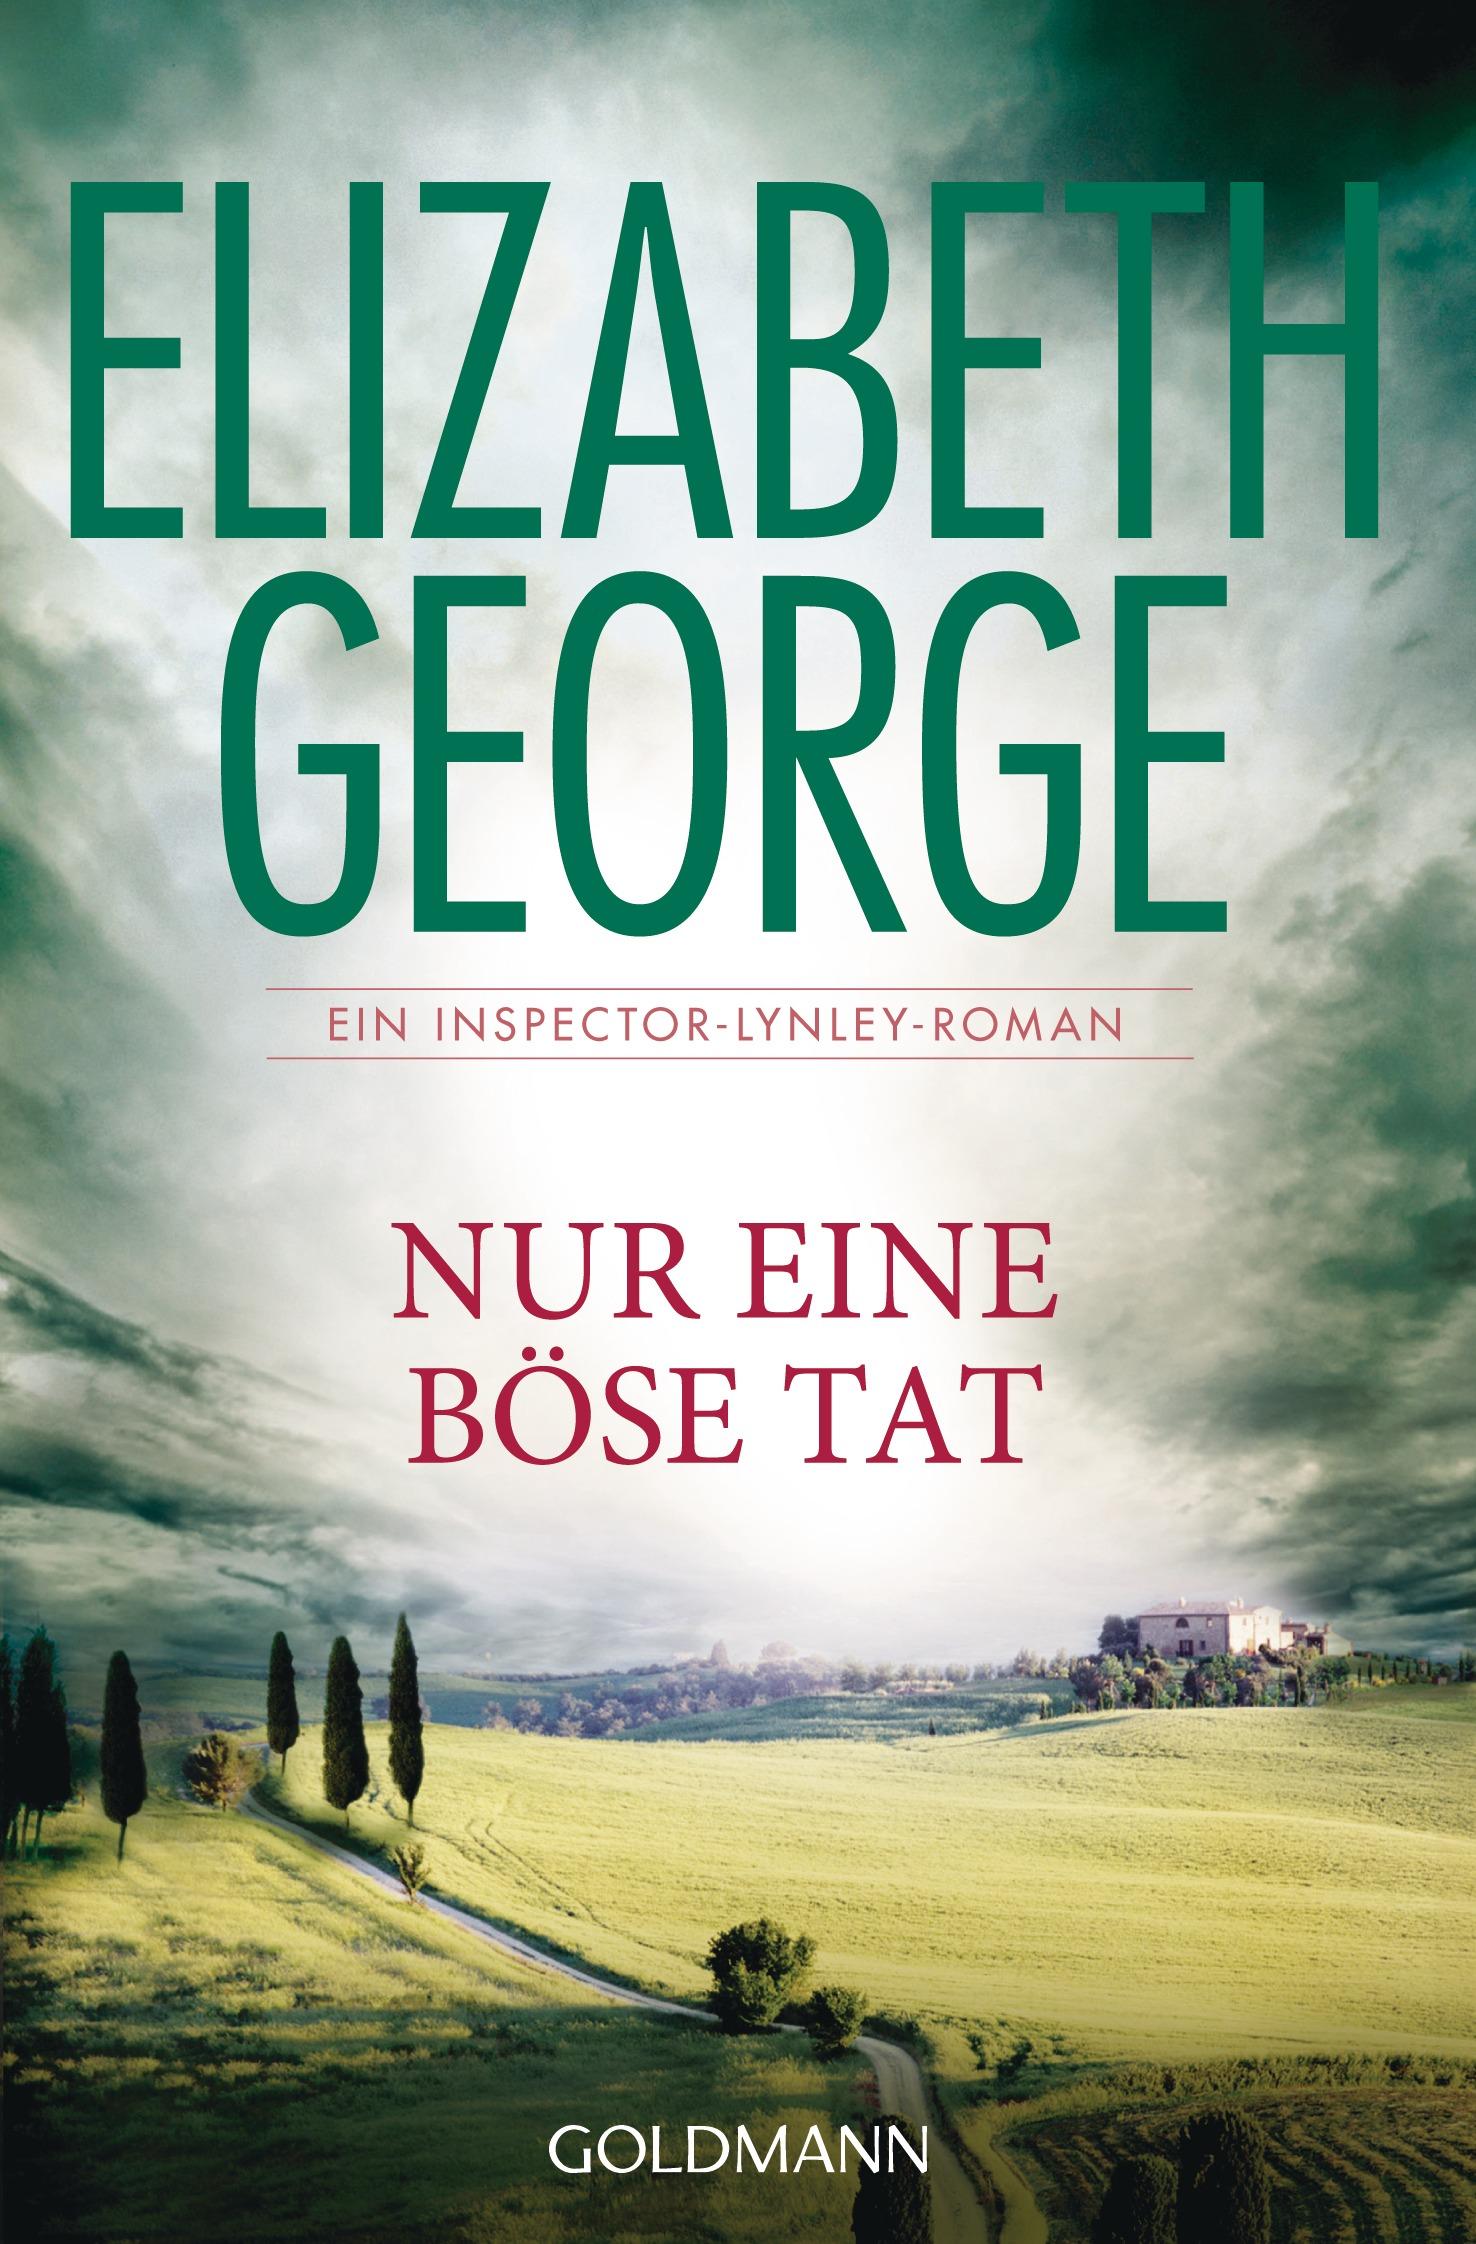 Nur eine böse Tat: Ein Inspector-Lynley-Roman 18 - Elizabeth George